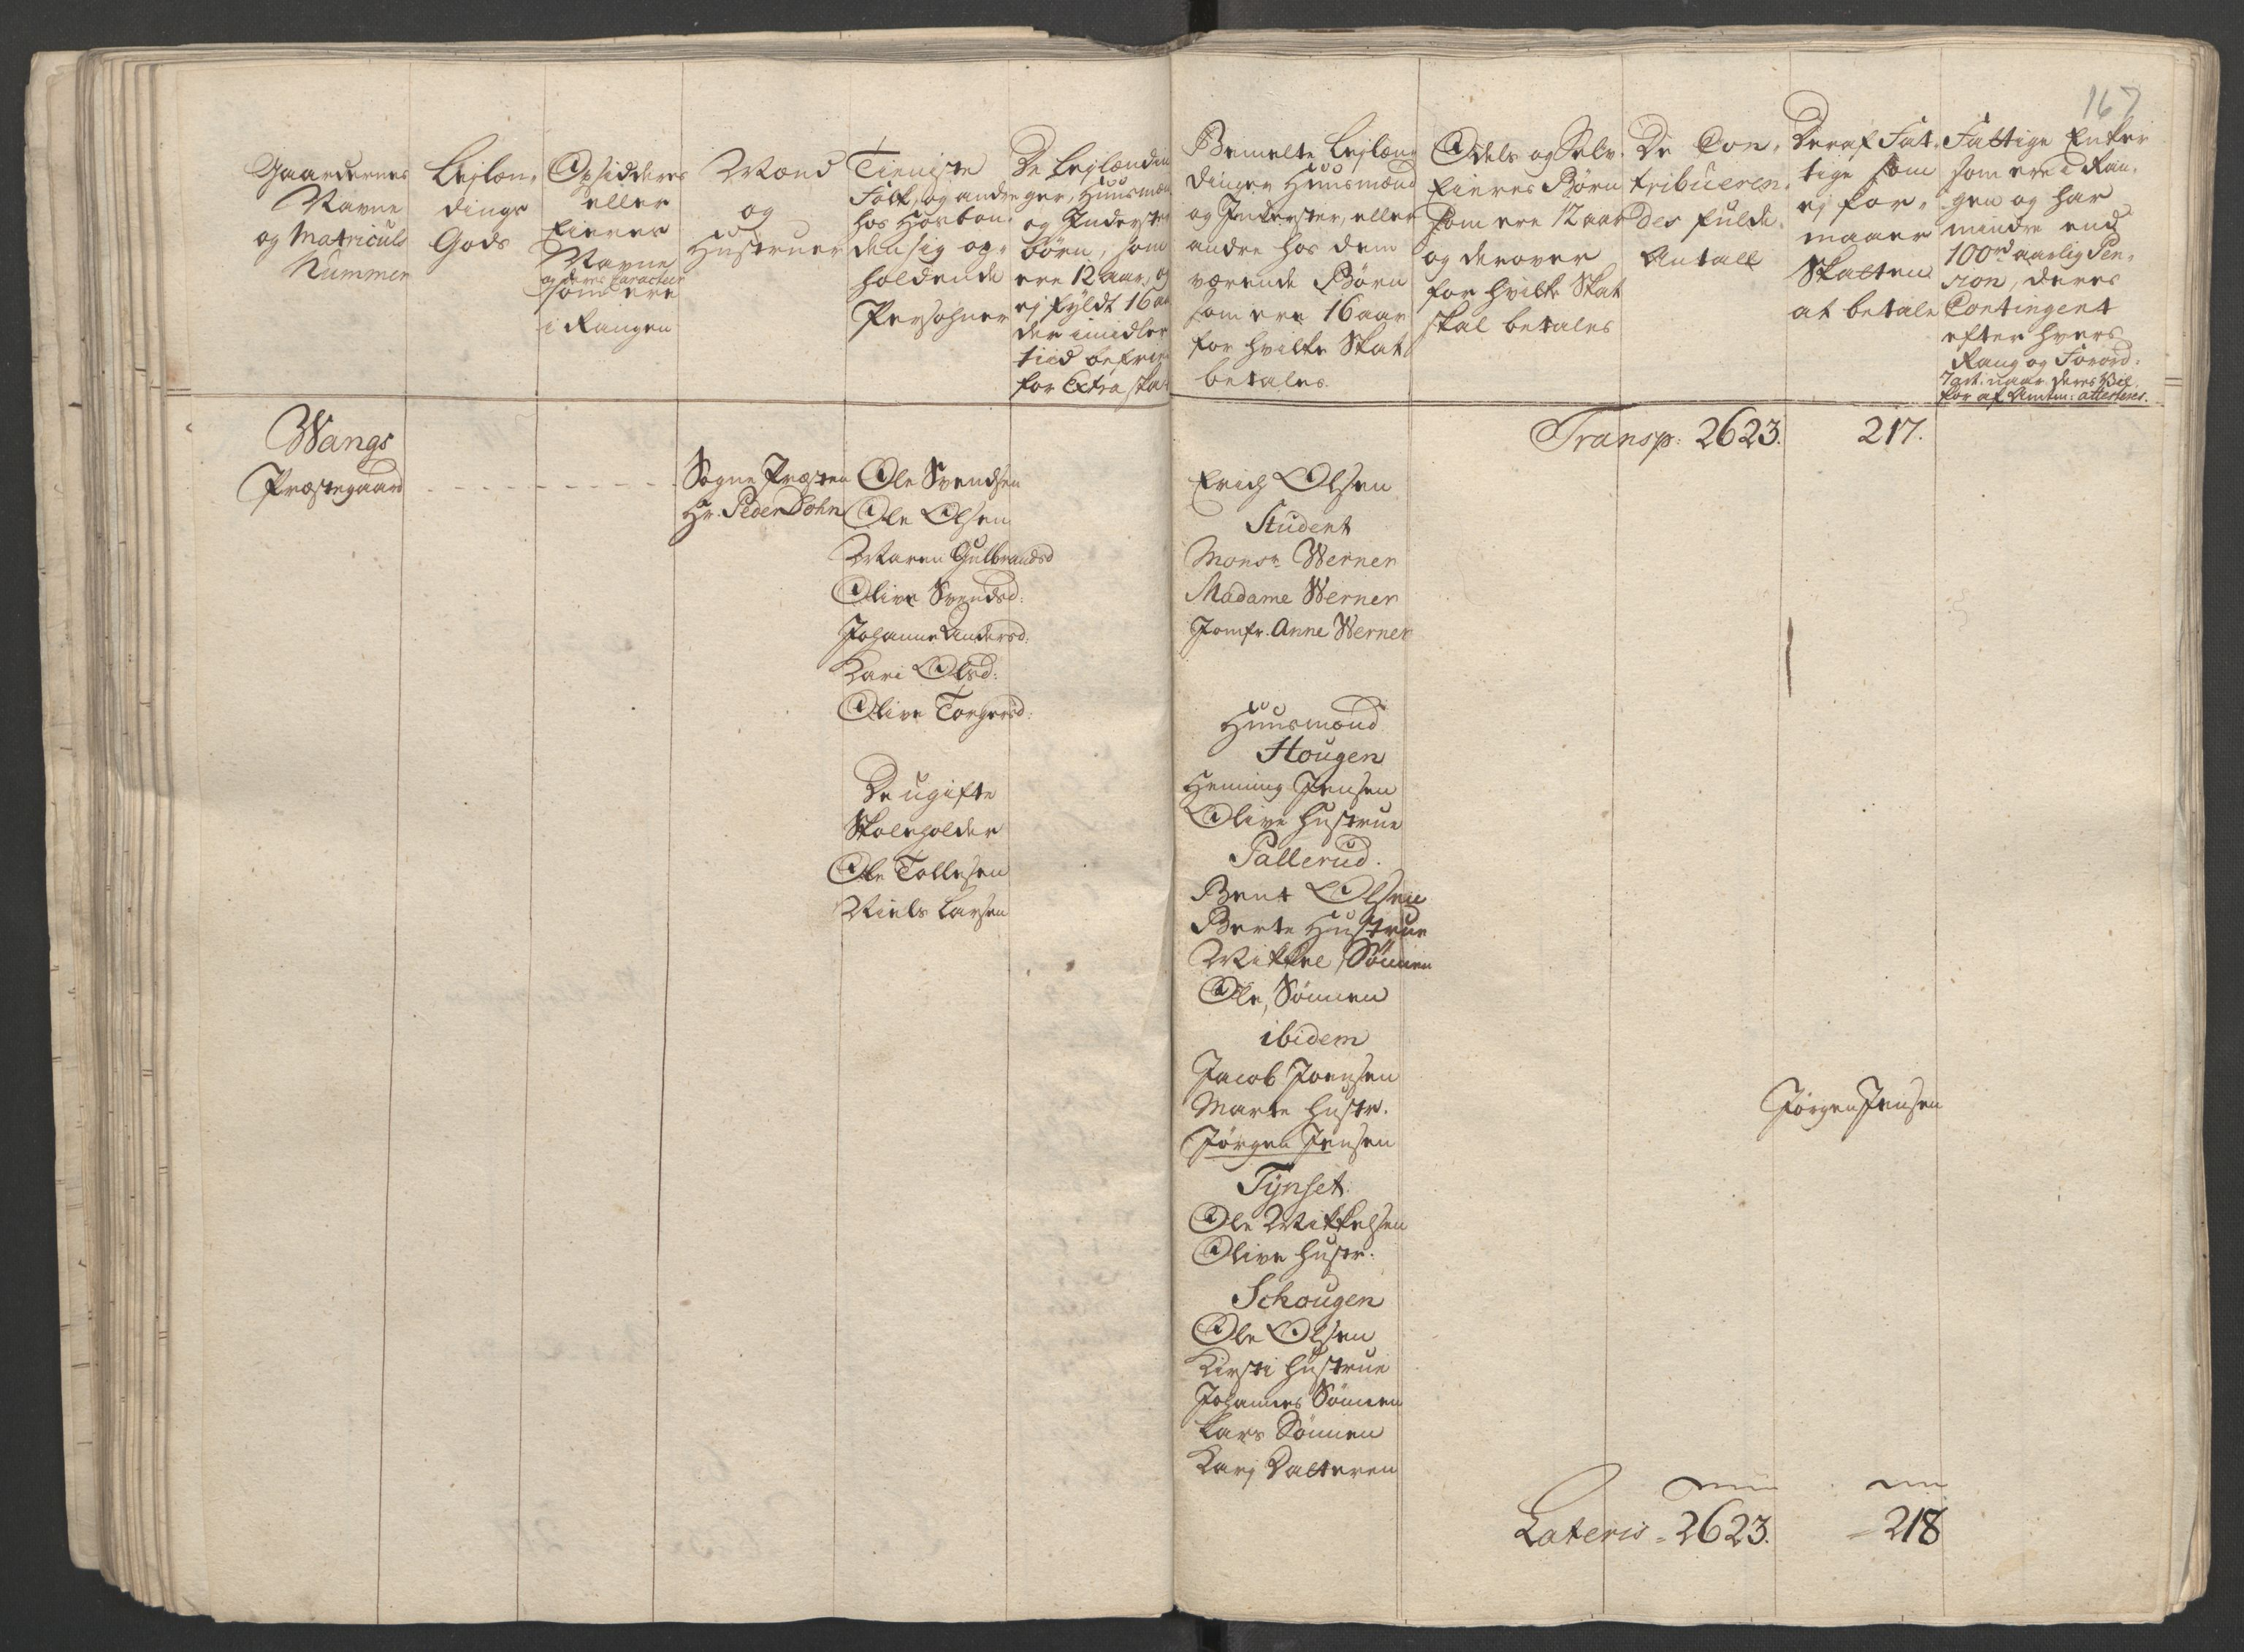 RA, Rentekammeret inntil 1814, Reviderte regnskaper, Fogderegnskap, R16/L1147: Ekstraskatten Hedmark, 1763-1764, s. 305